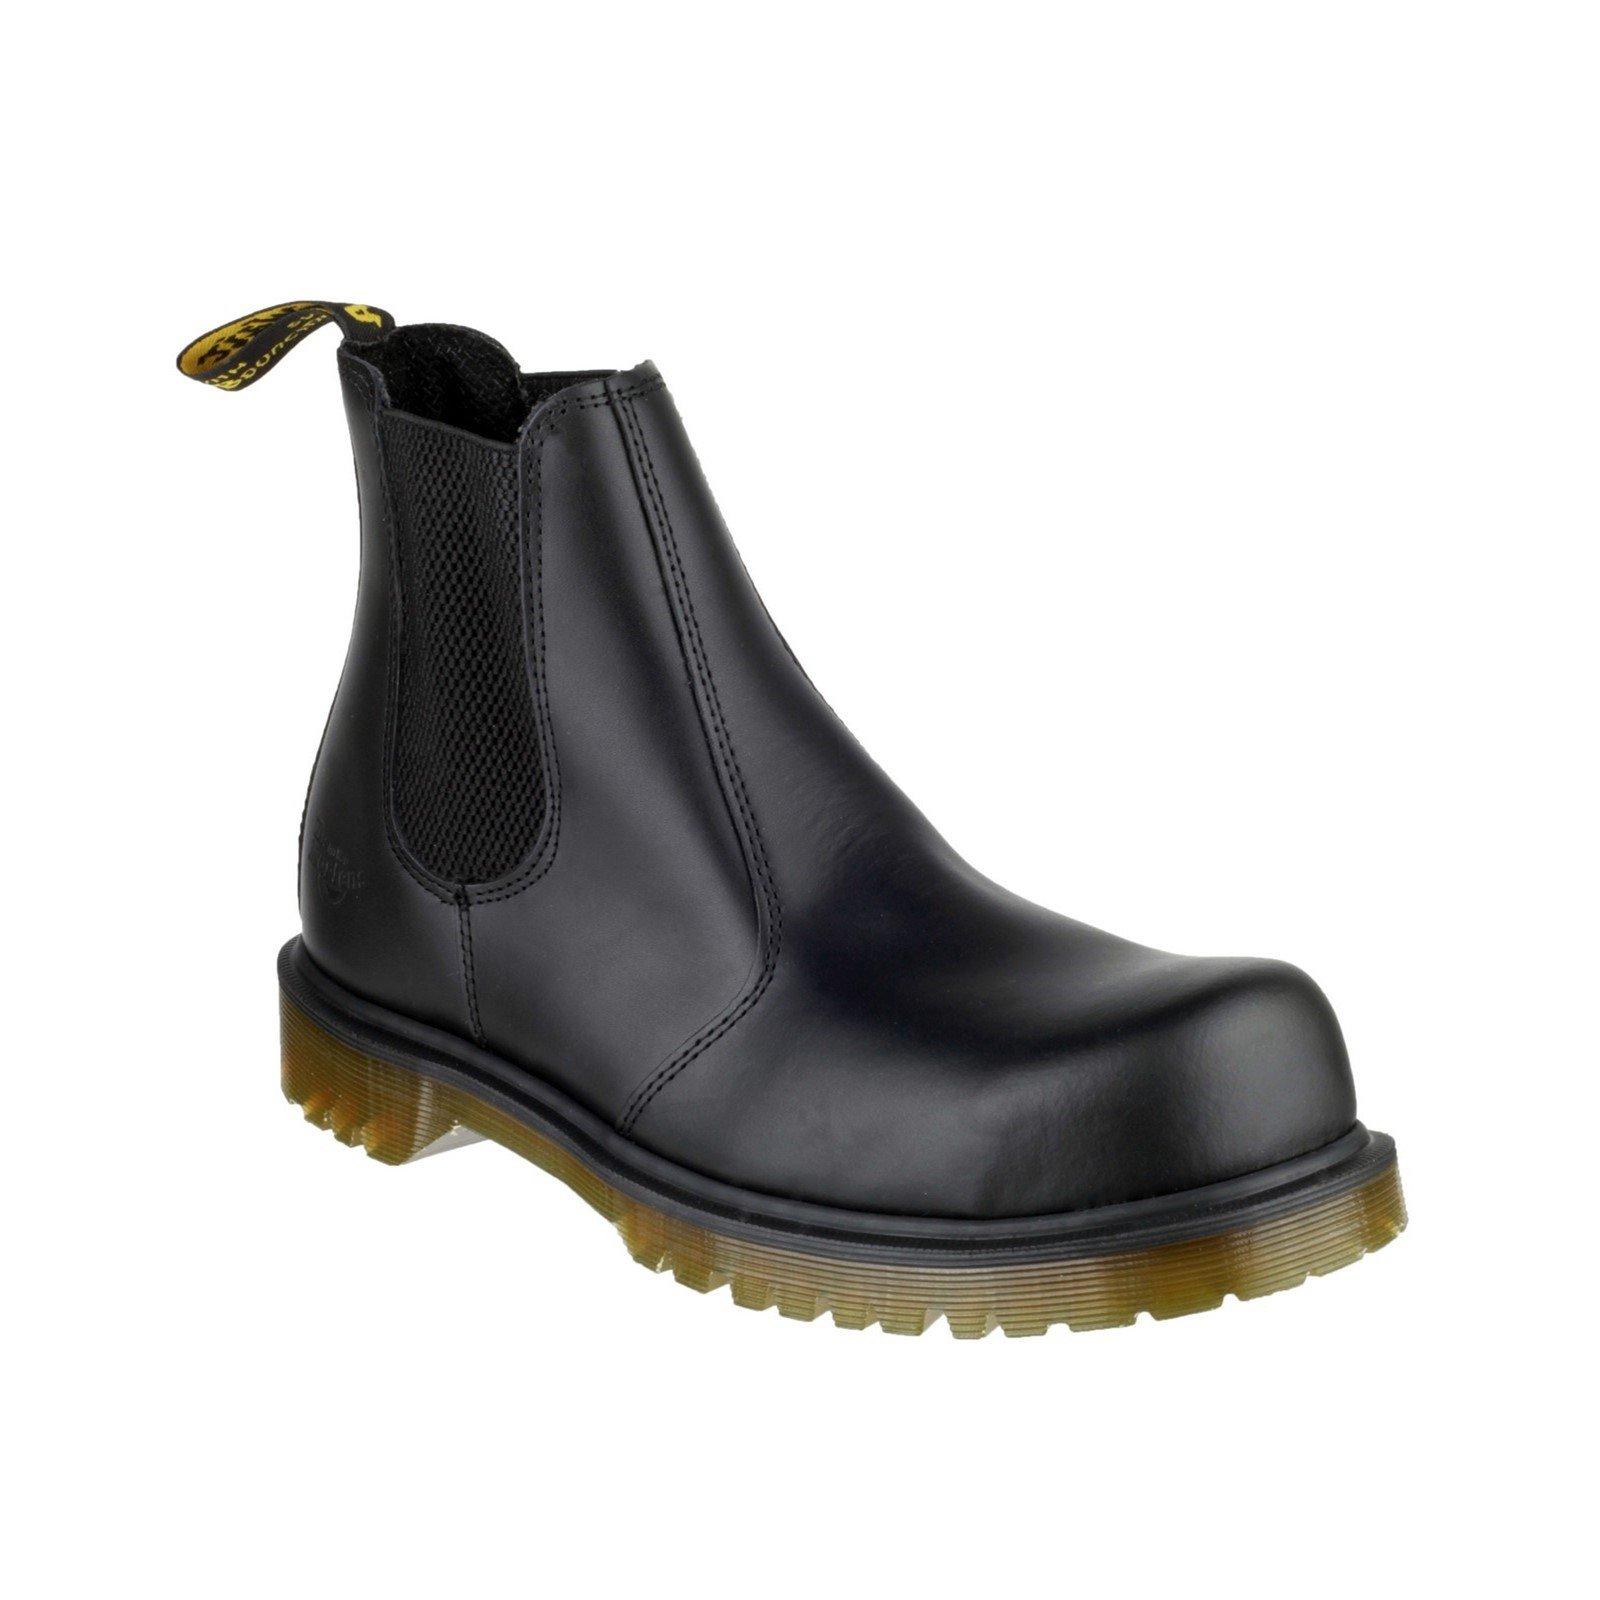 Dr Martens Unisex Dealer Boot Black 00496 - Black 13